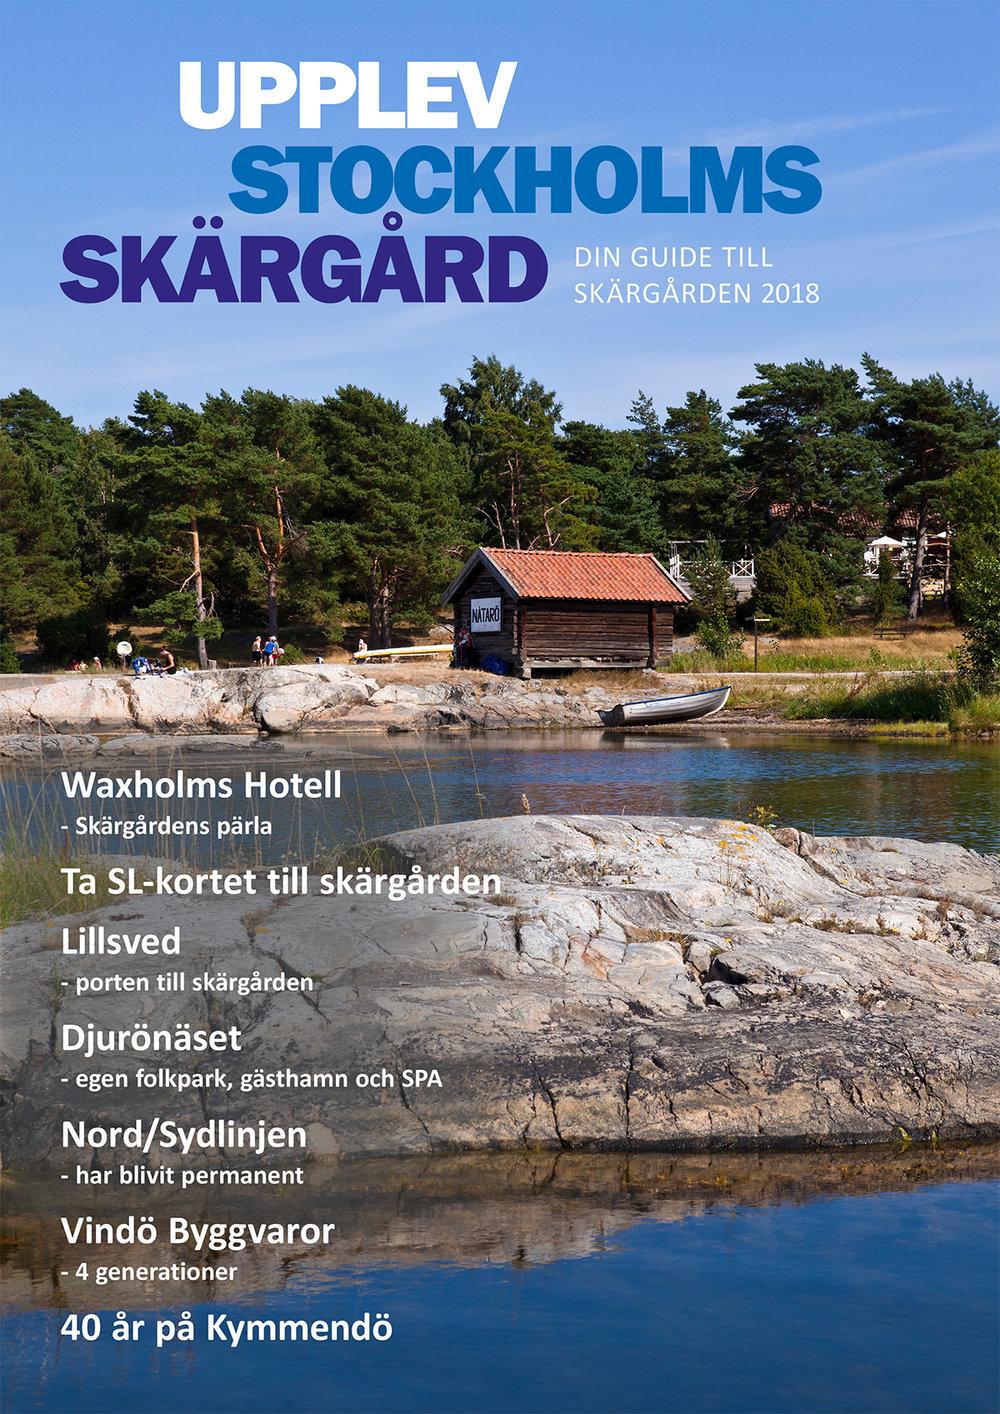 Upplev Stockholms Skärgård 2018